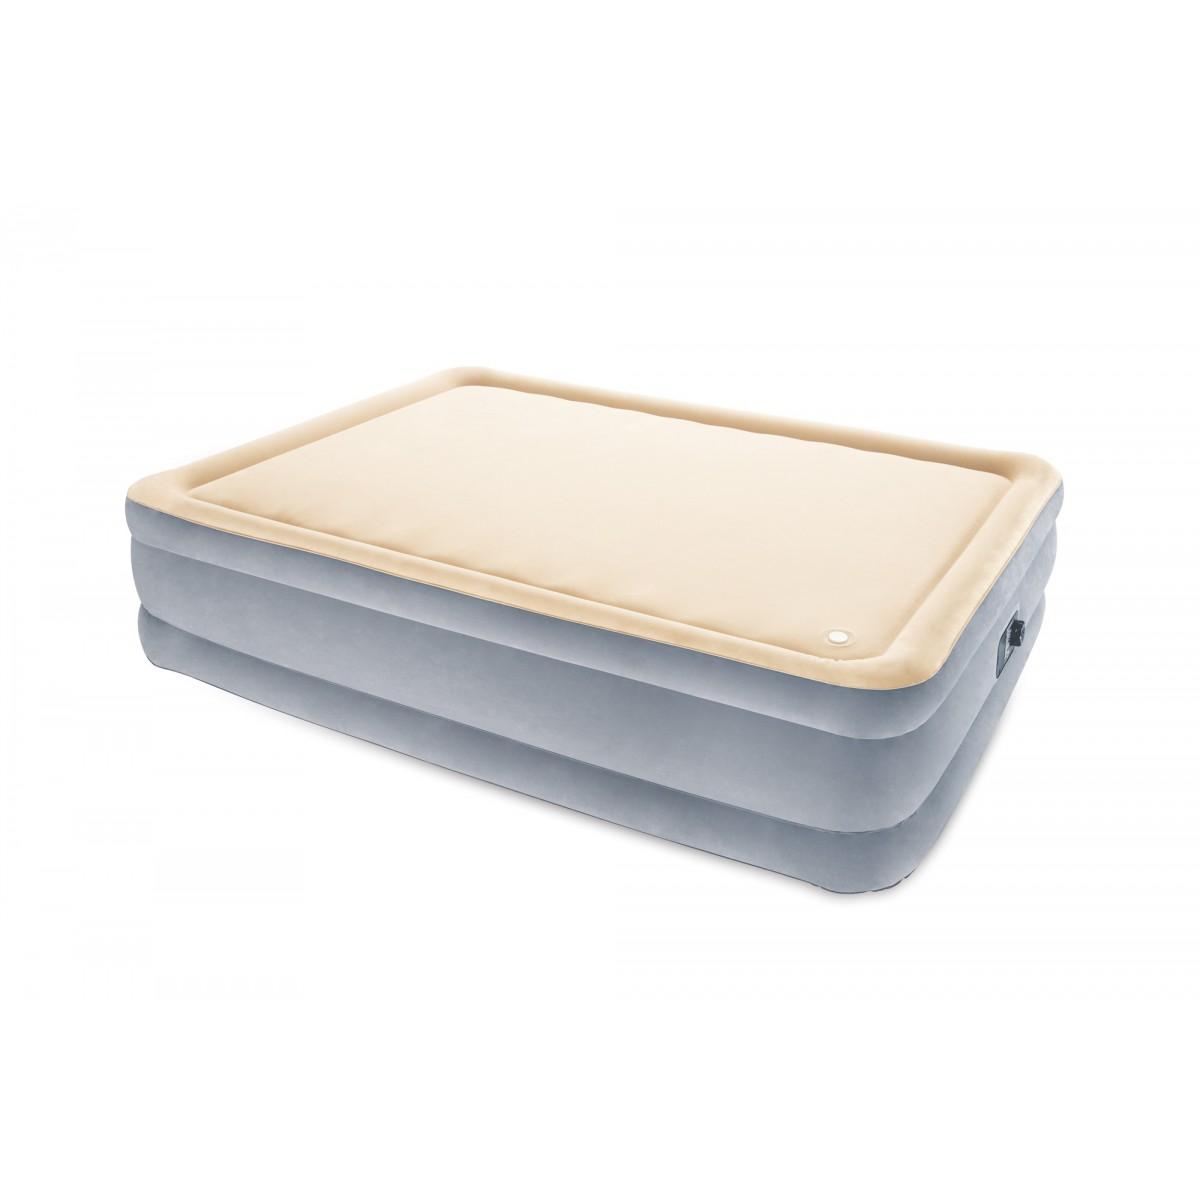 Lit gonflable matelas confort plus Tritech Bestway - 203 x 152 x 46 cm